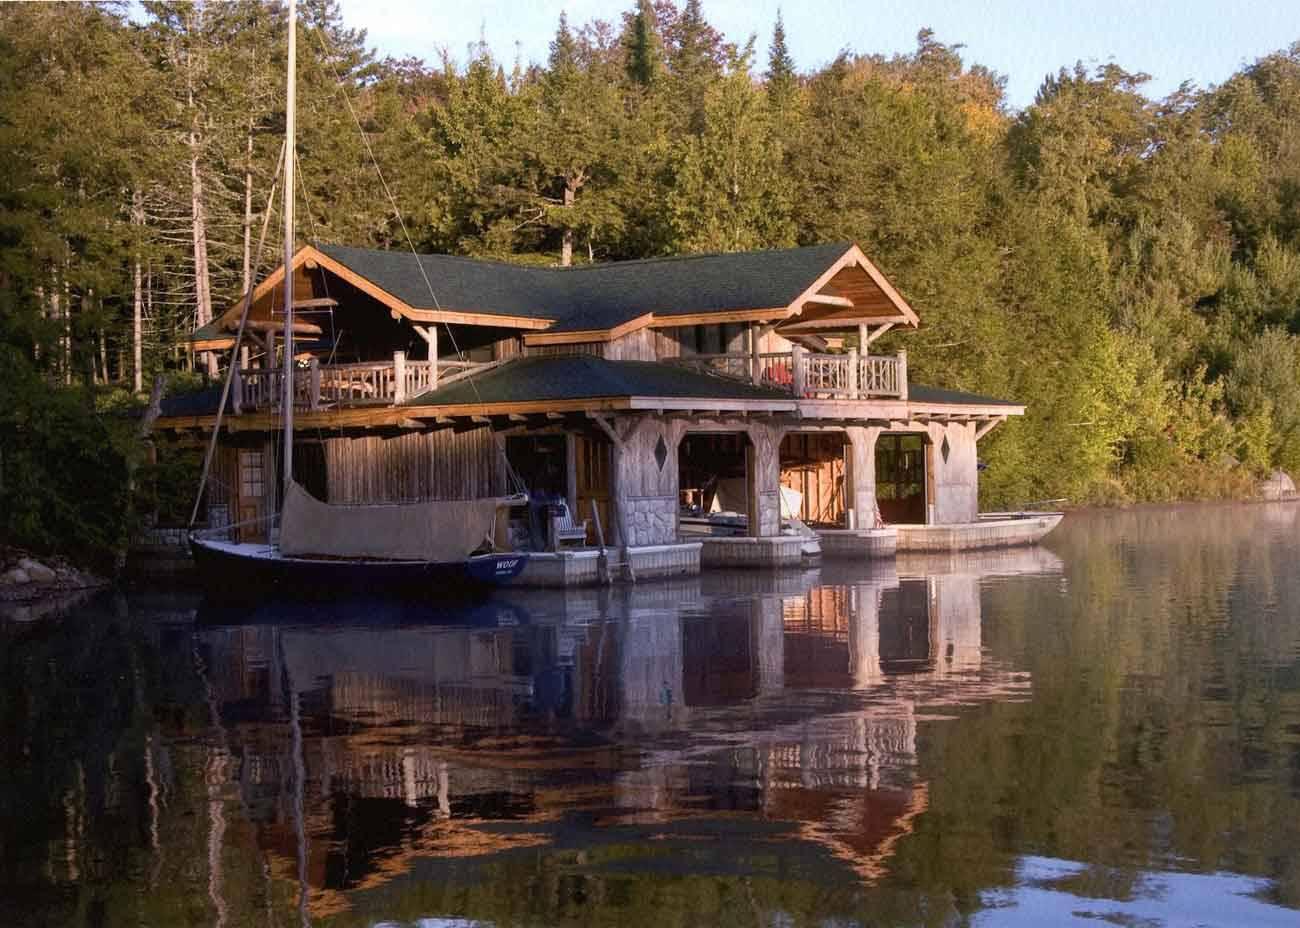 Sunset Aerialview DakotaPoolHouse2 Dakboathouse Chriscrafthood ...